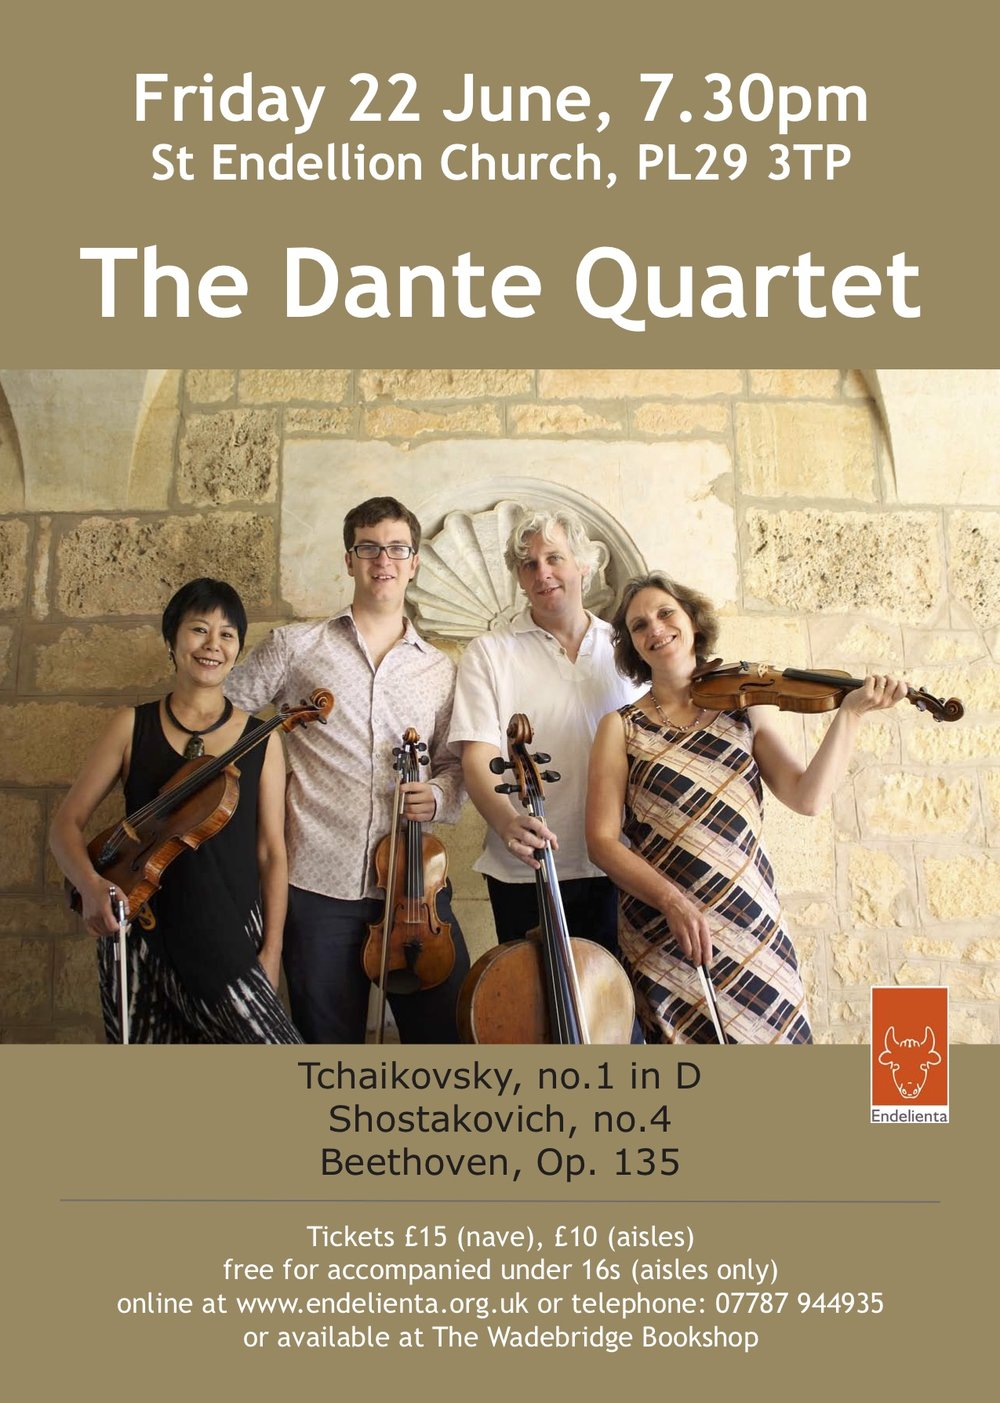 Dante Quartet a4 (sm).jpg